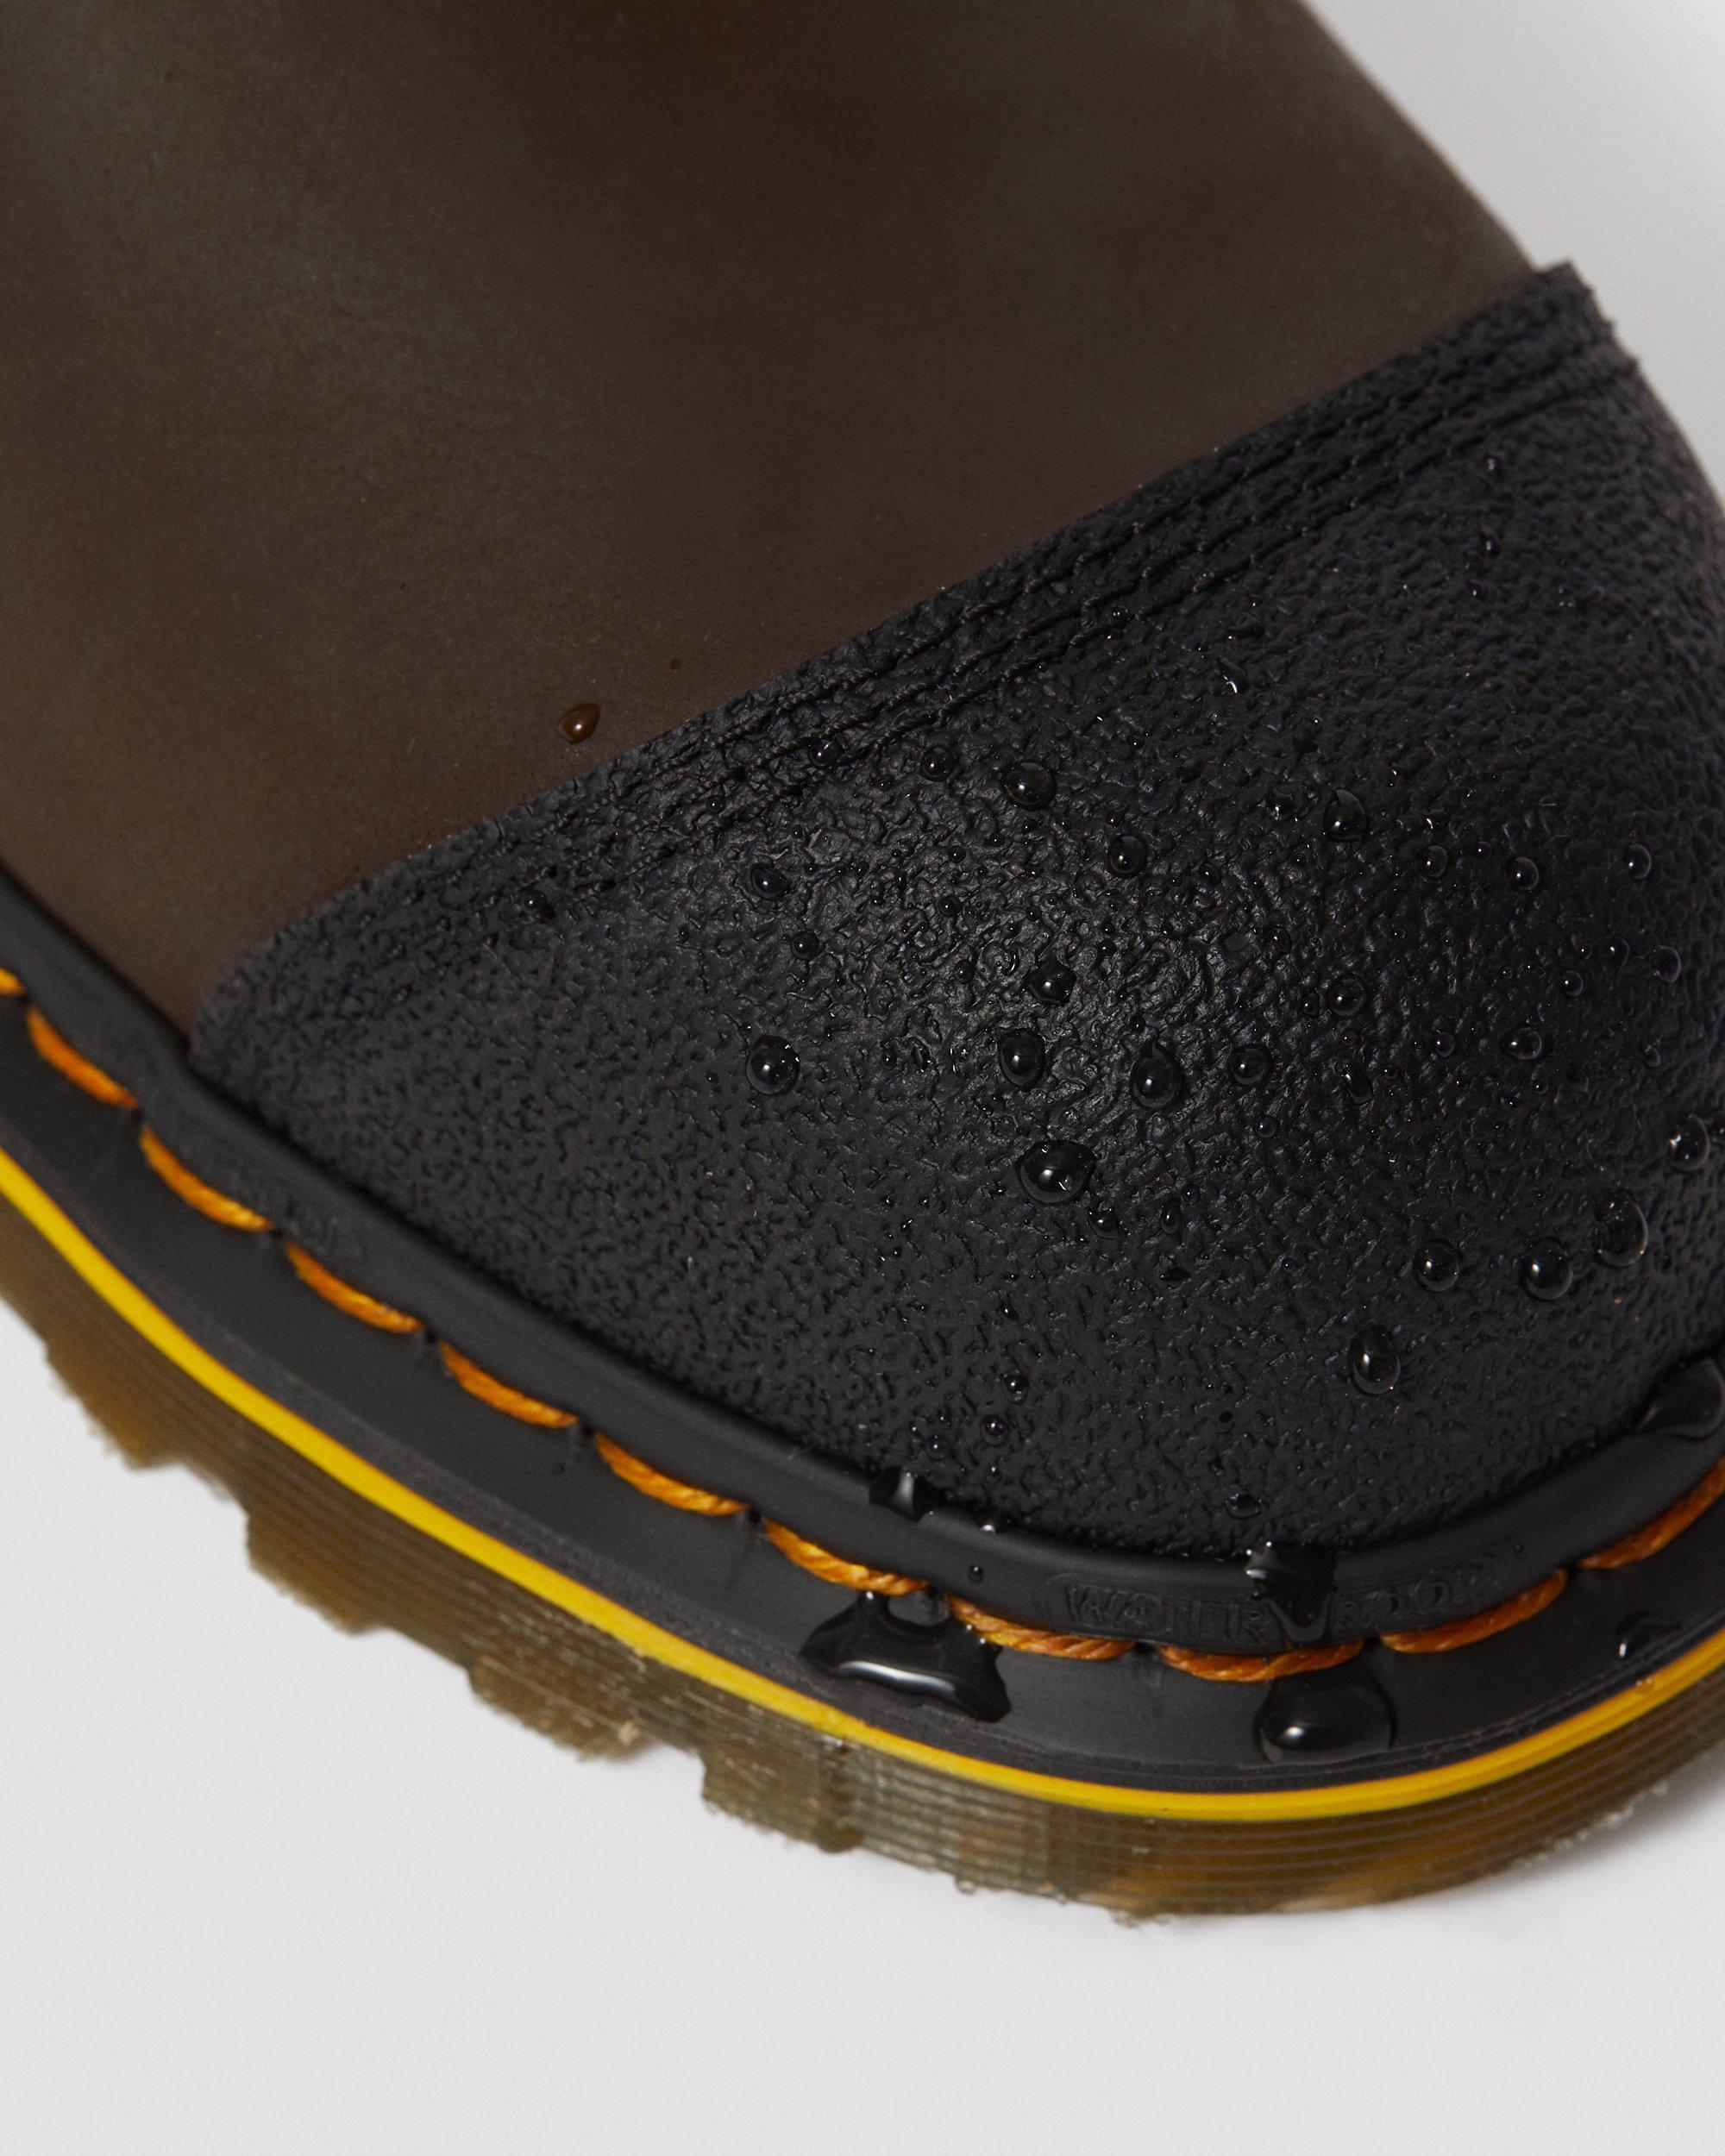 dr martens steel toe waterproof